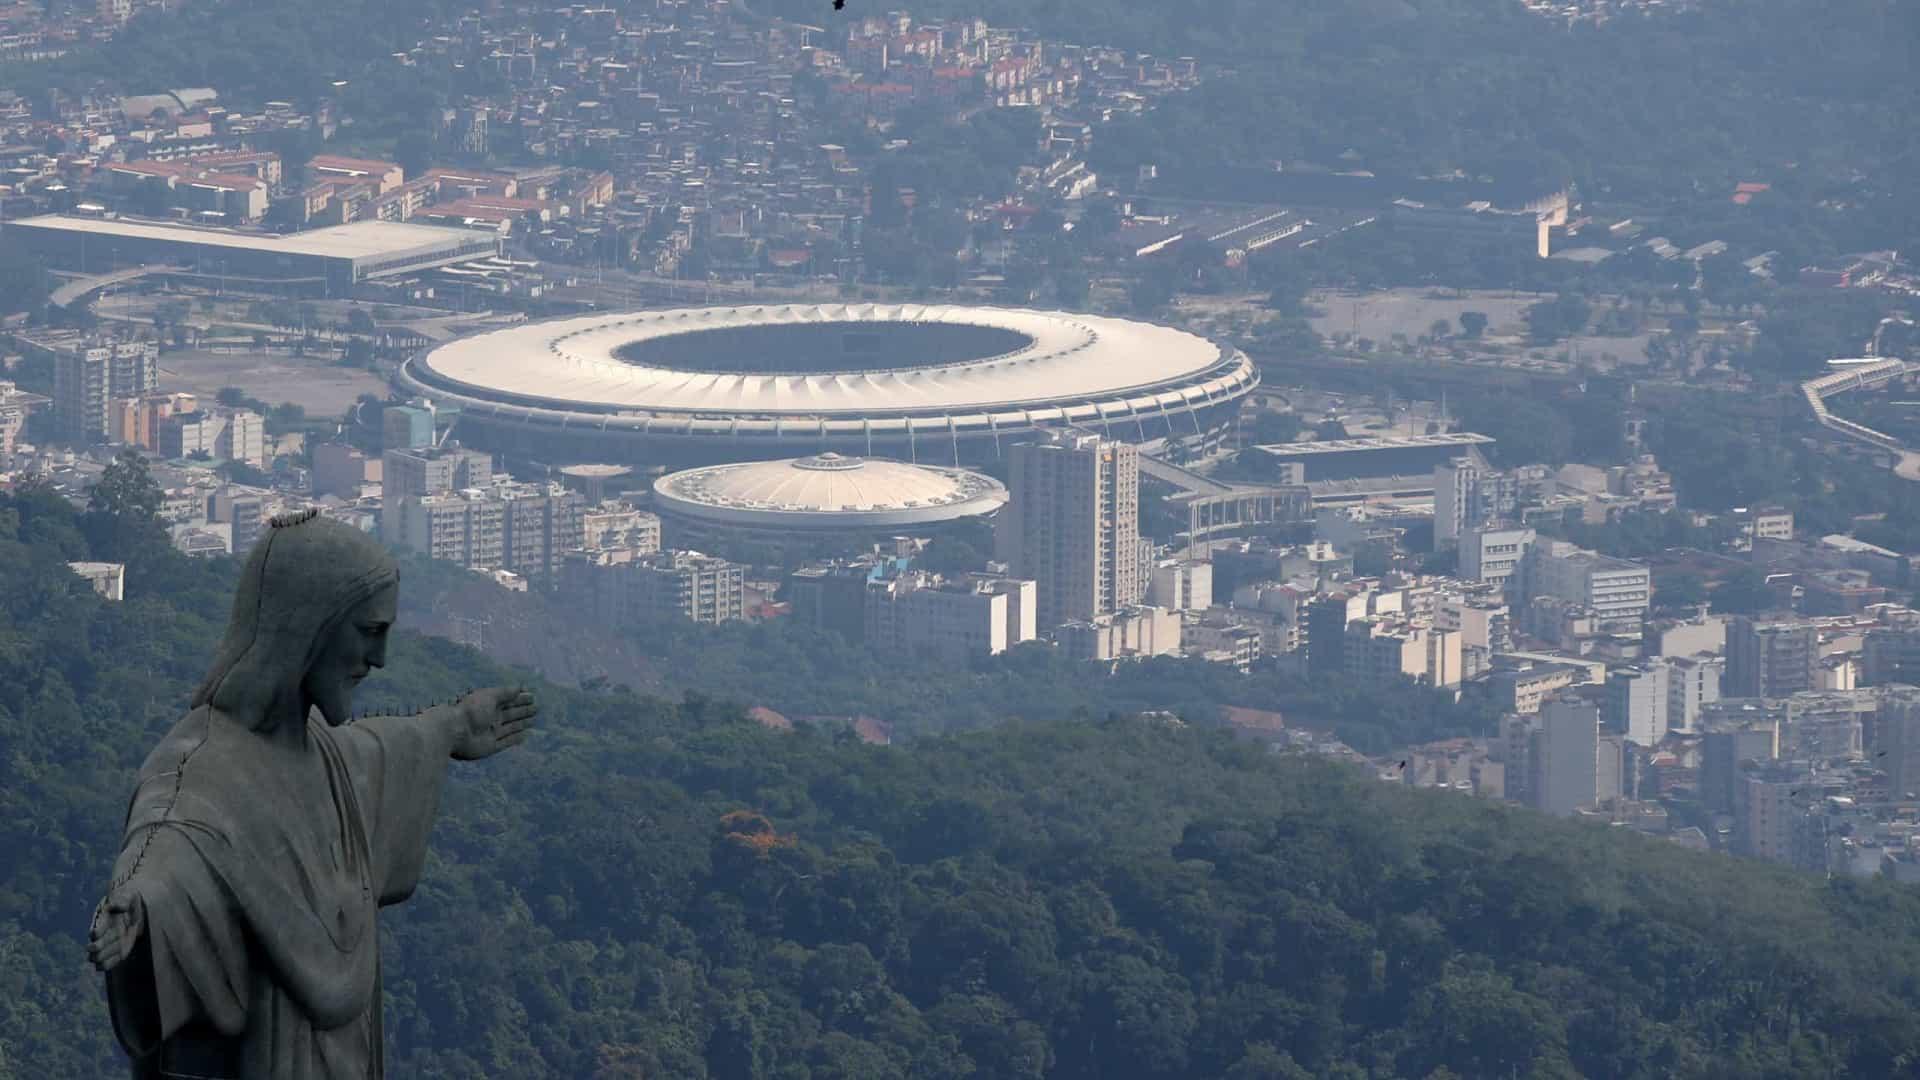 naom 5ee814d56853c - Vasco manifesta interesse em participar de licitação do Maracanã